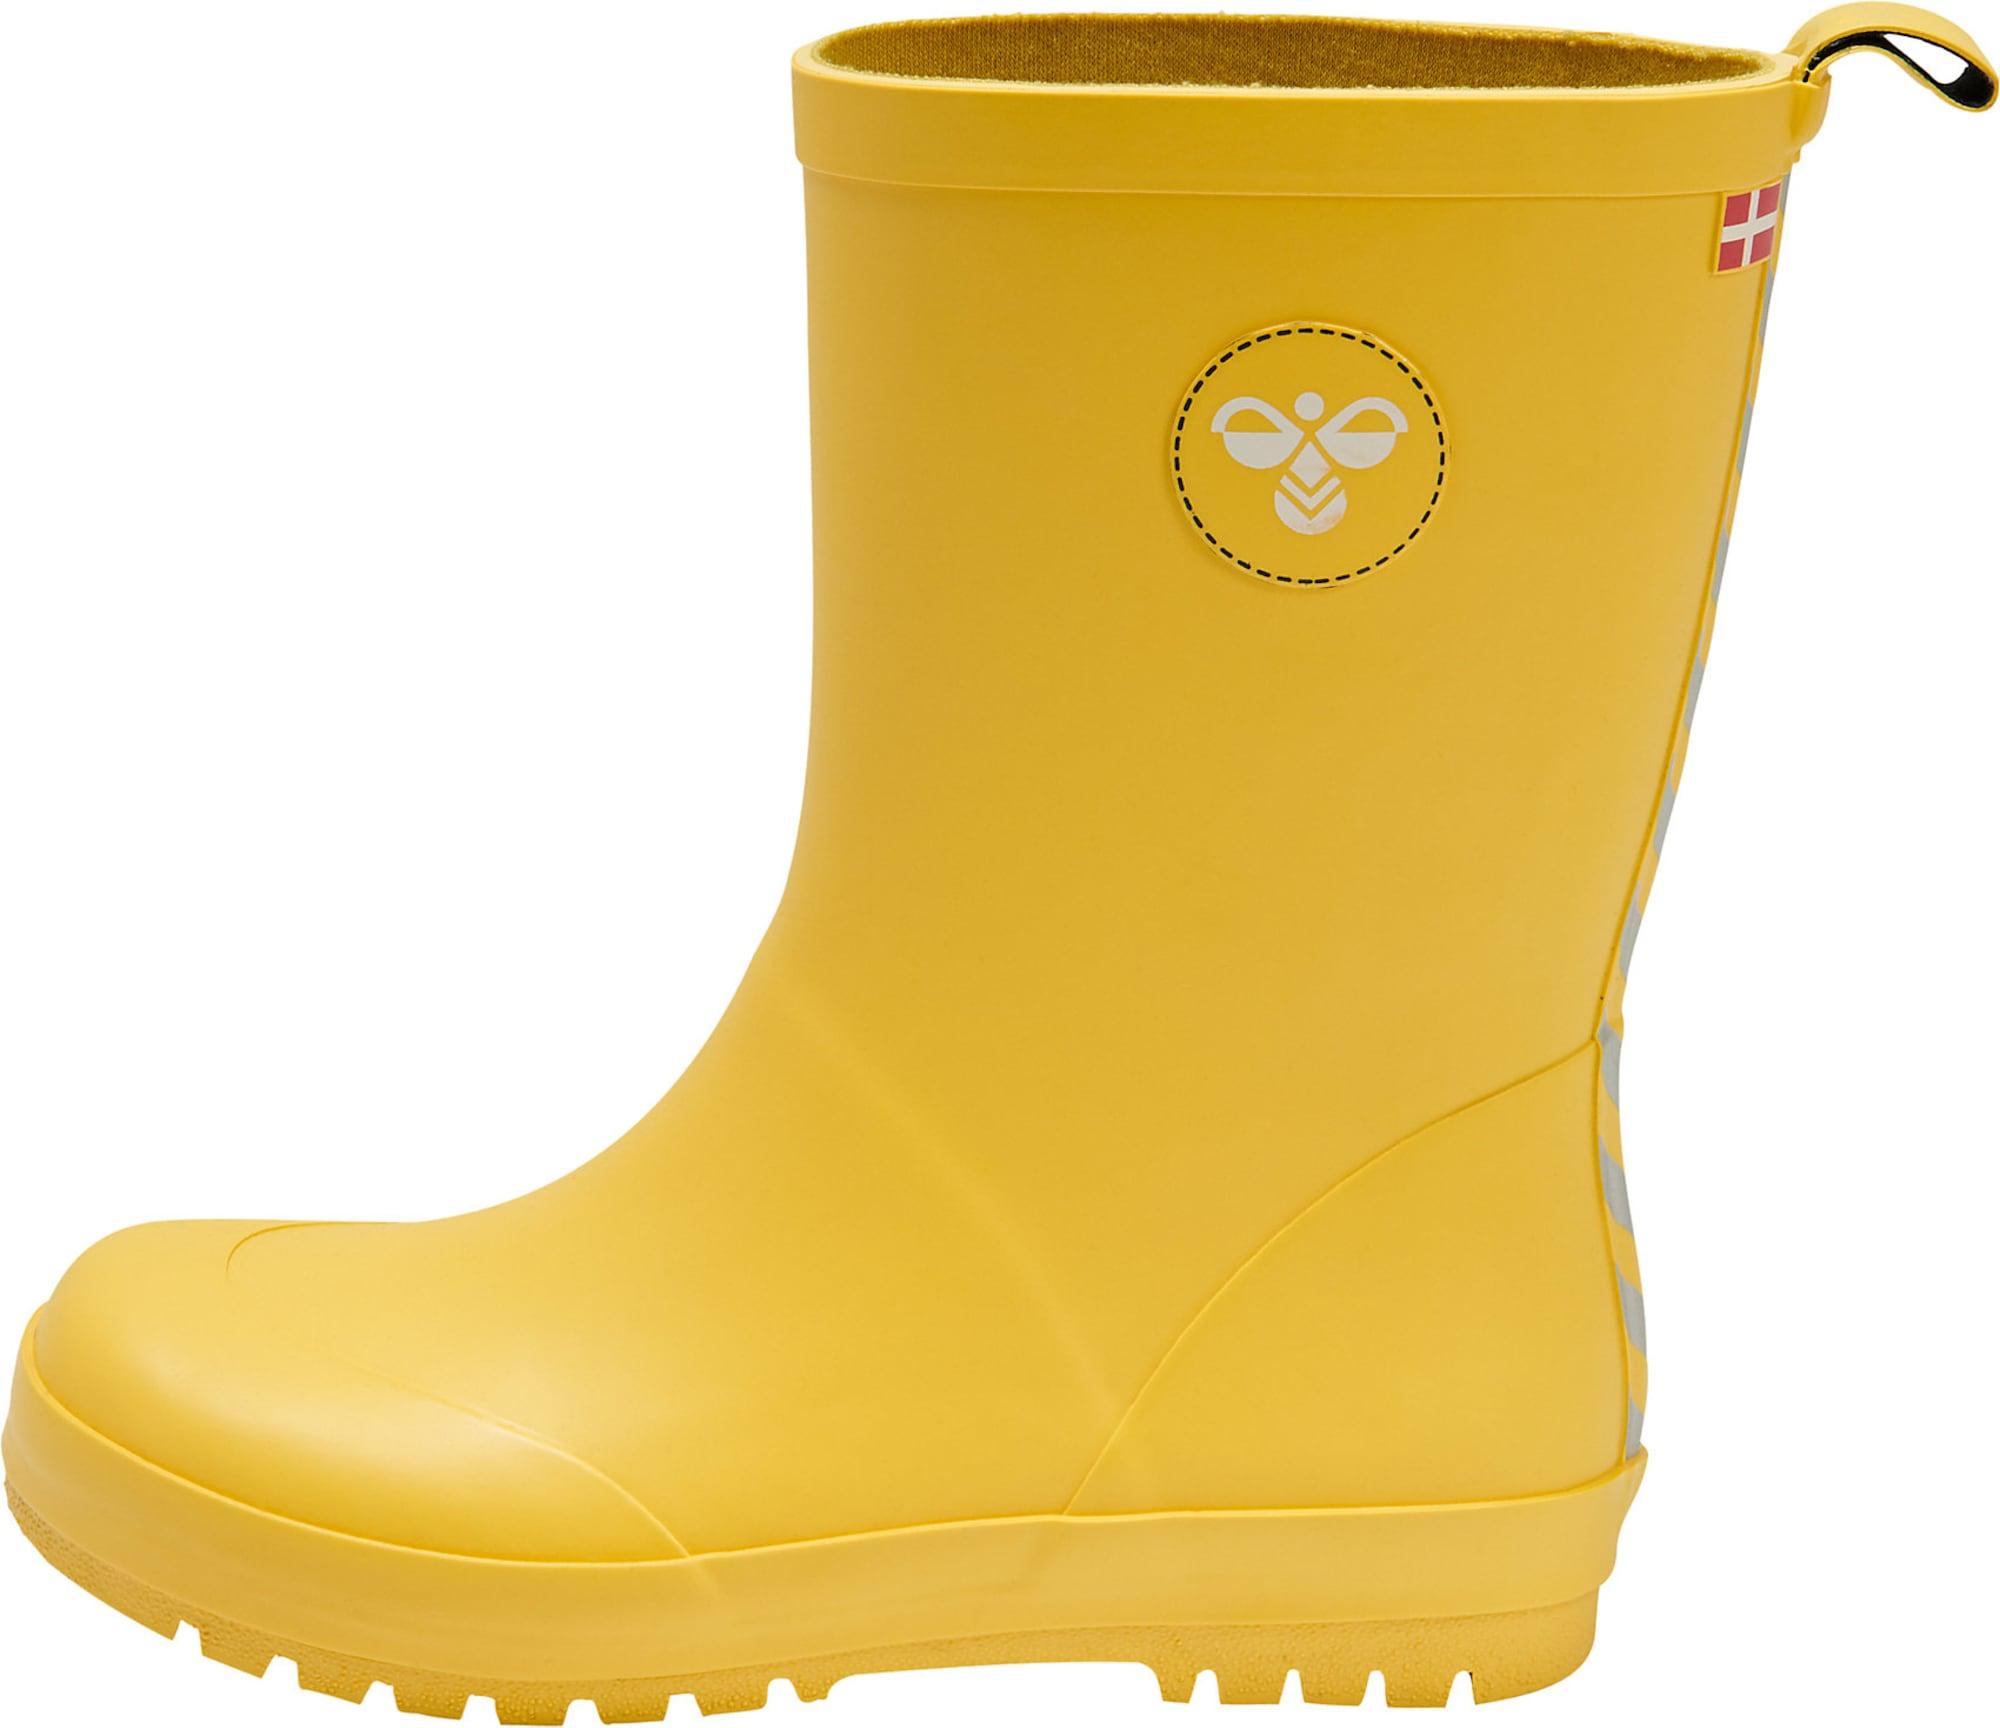 Hummel Guminiai batai geltona